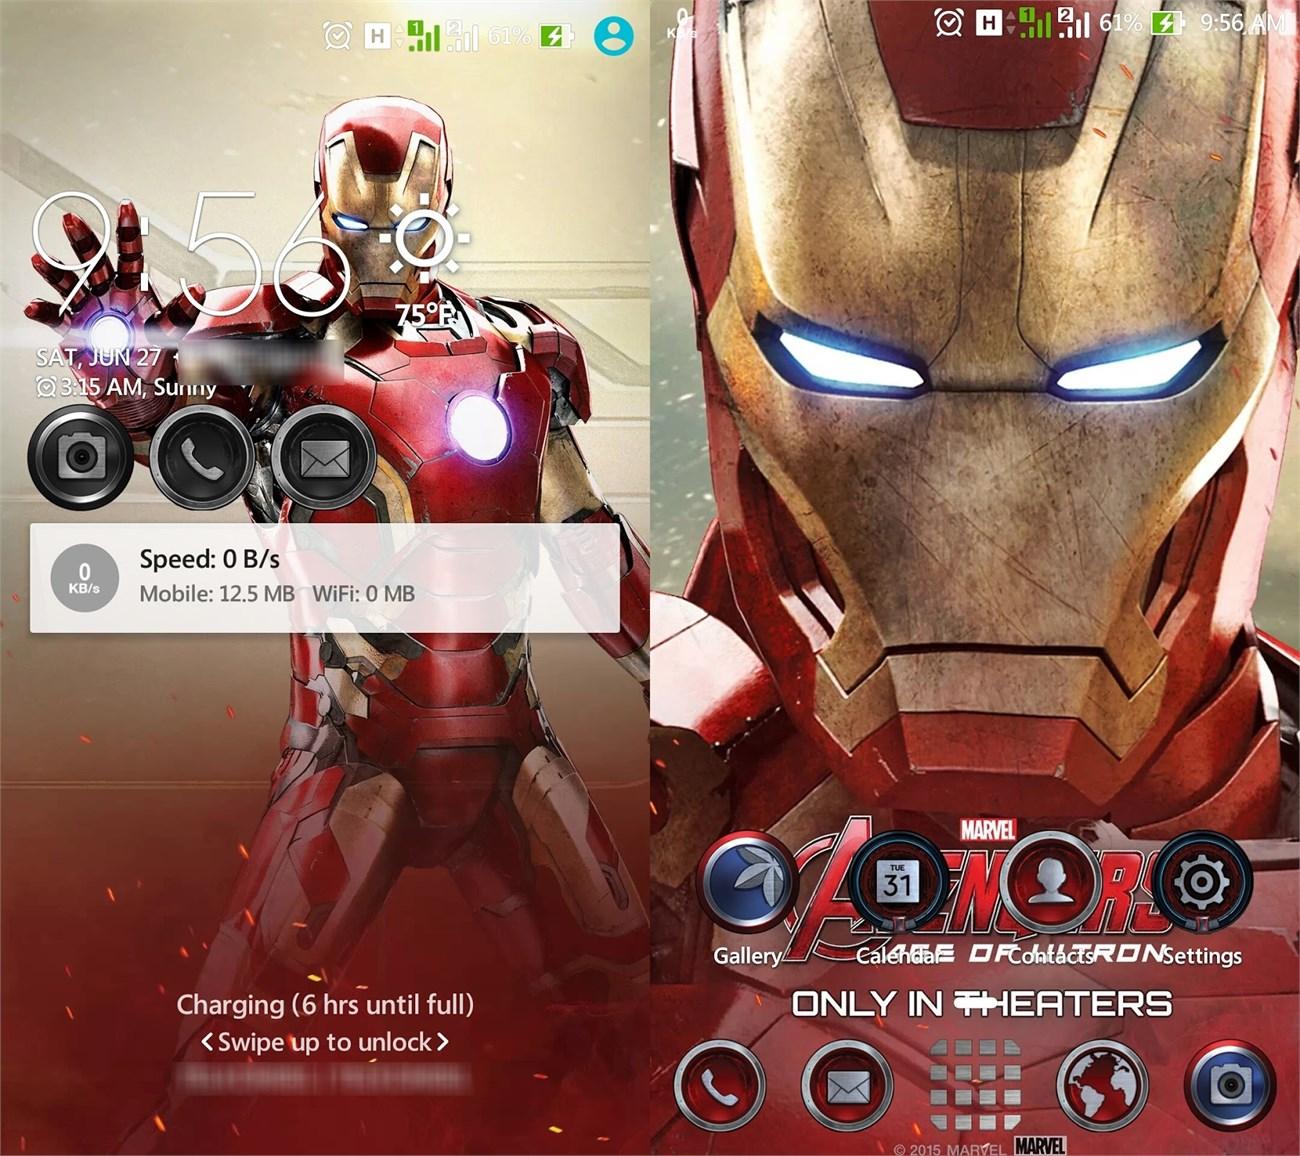 Ảnh chụp màn hình trên Asus Zenfone 2 sau khi áp dụng Theme Iron Man